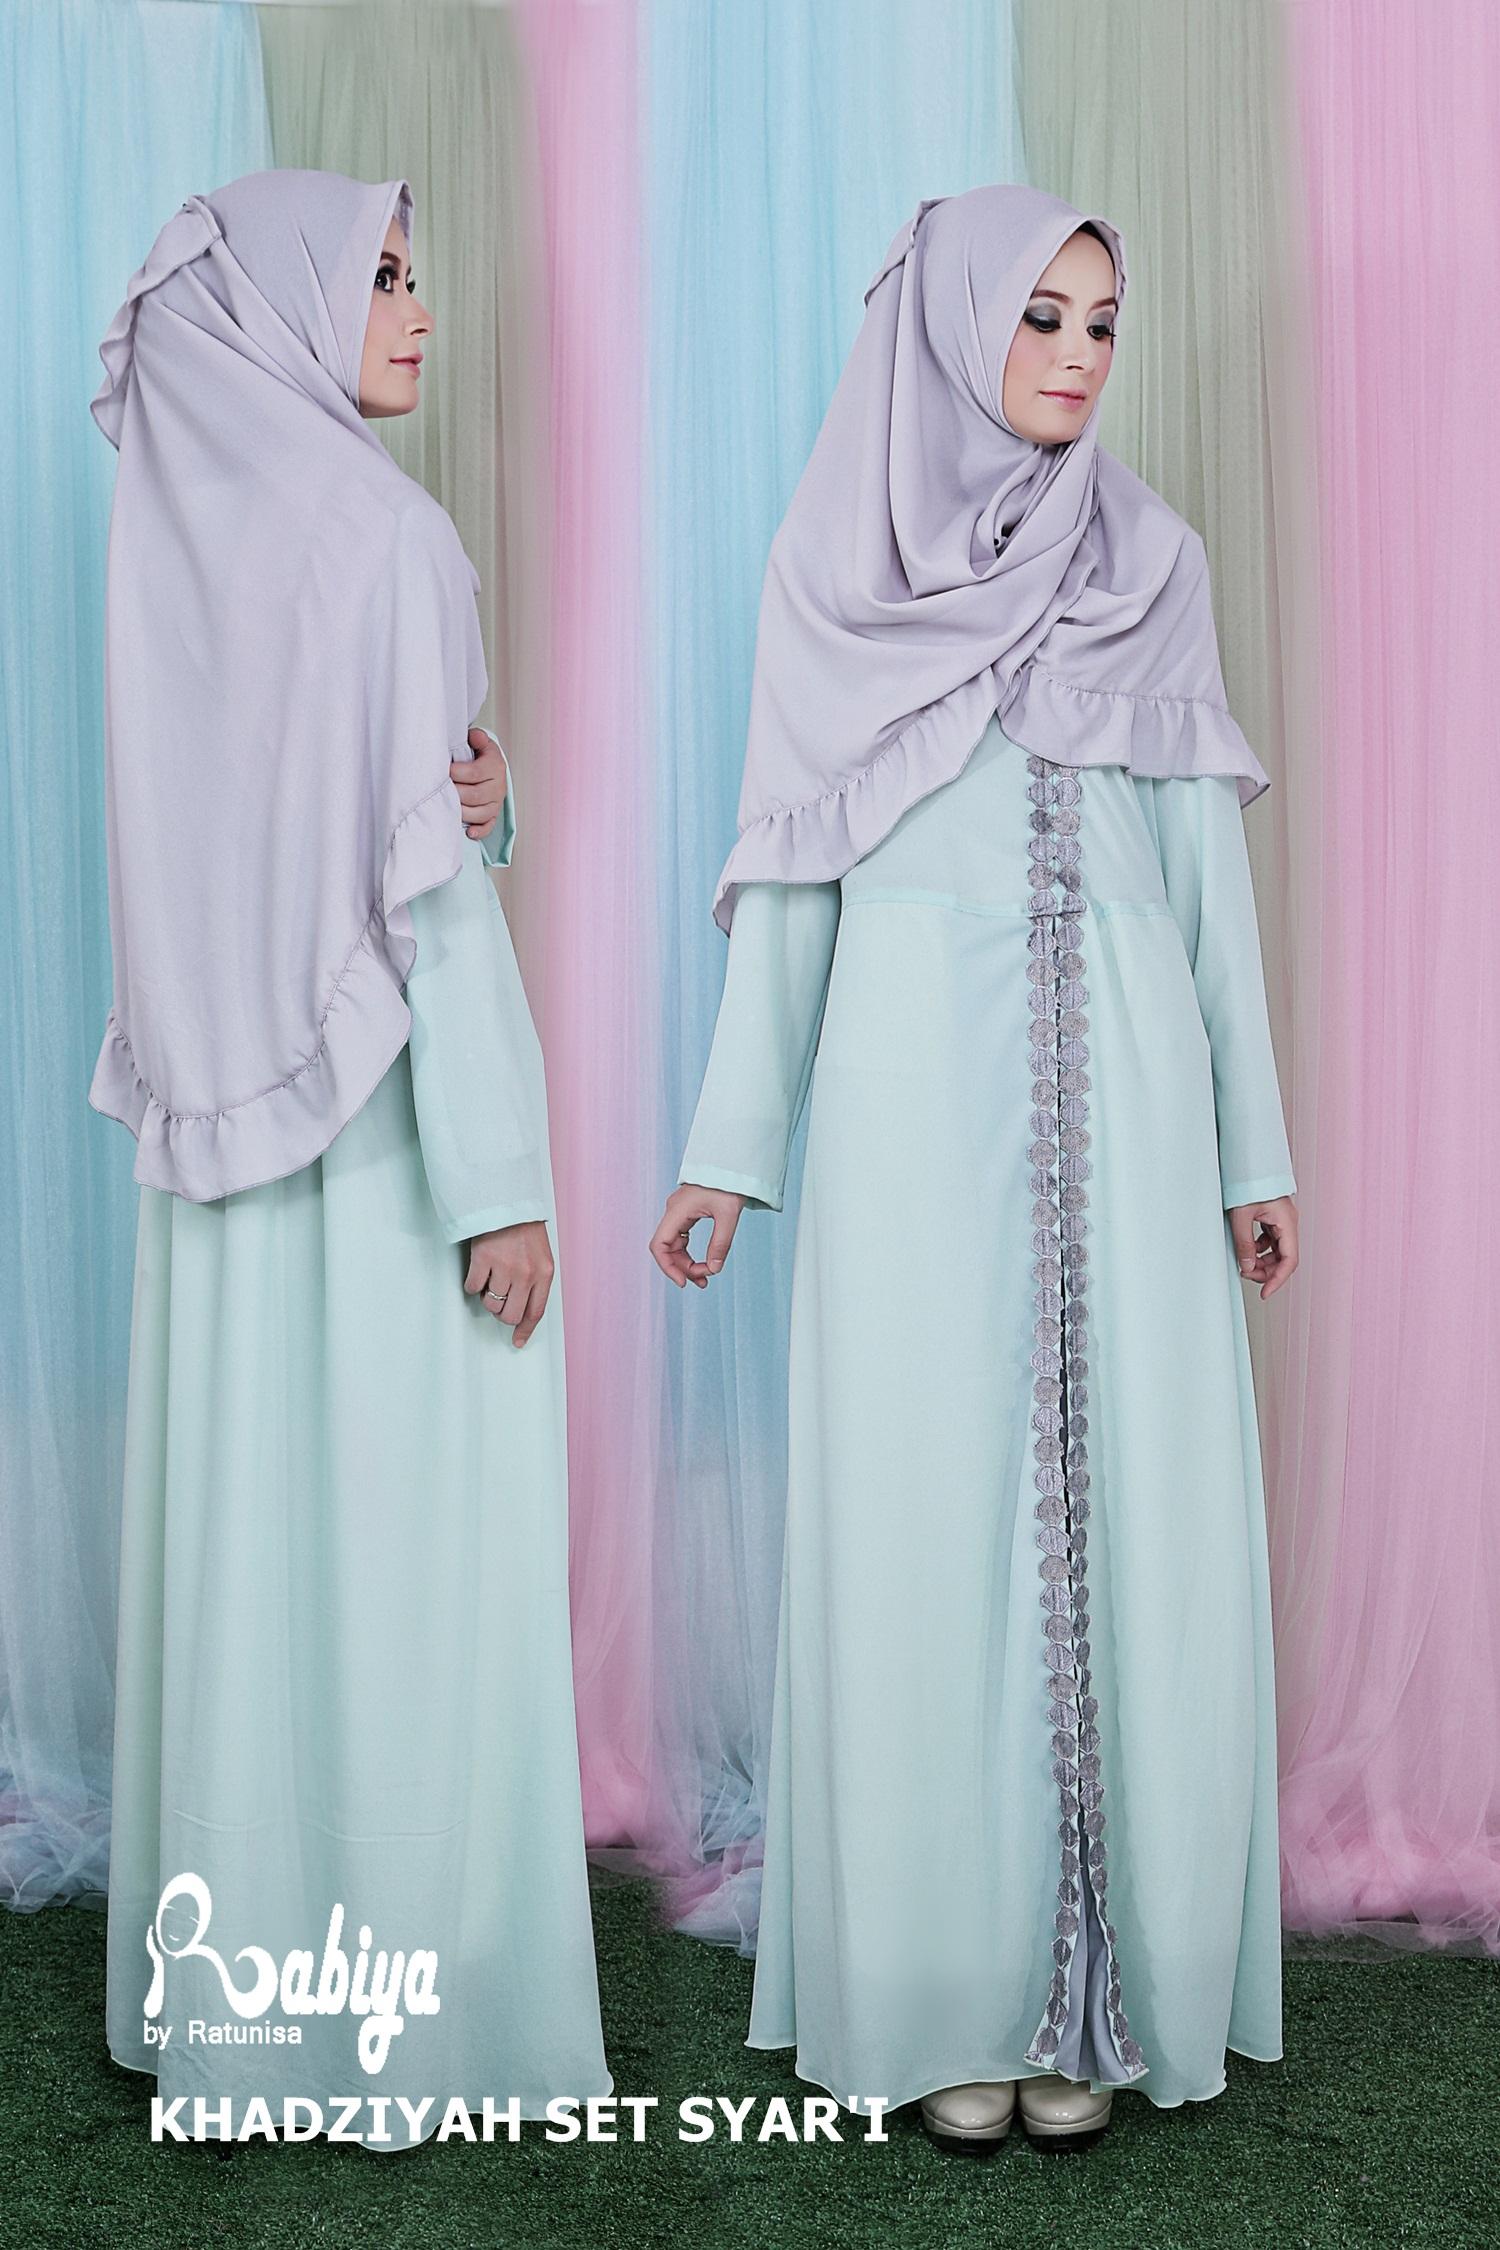 Koleksi Pusat Baju Muslim Gamis Syari Modern Terbaru